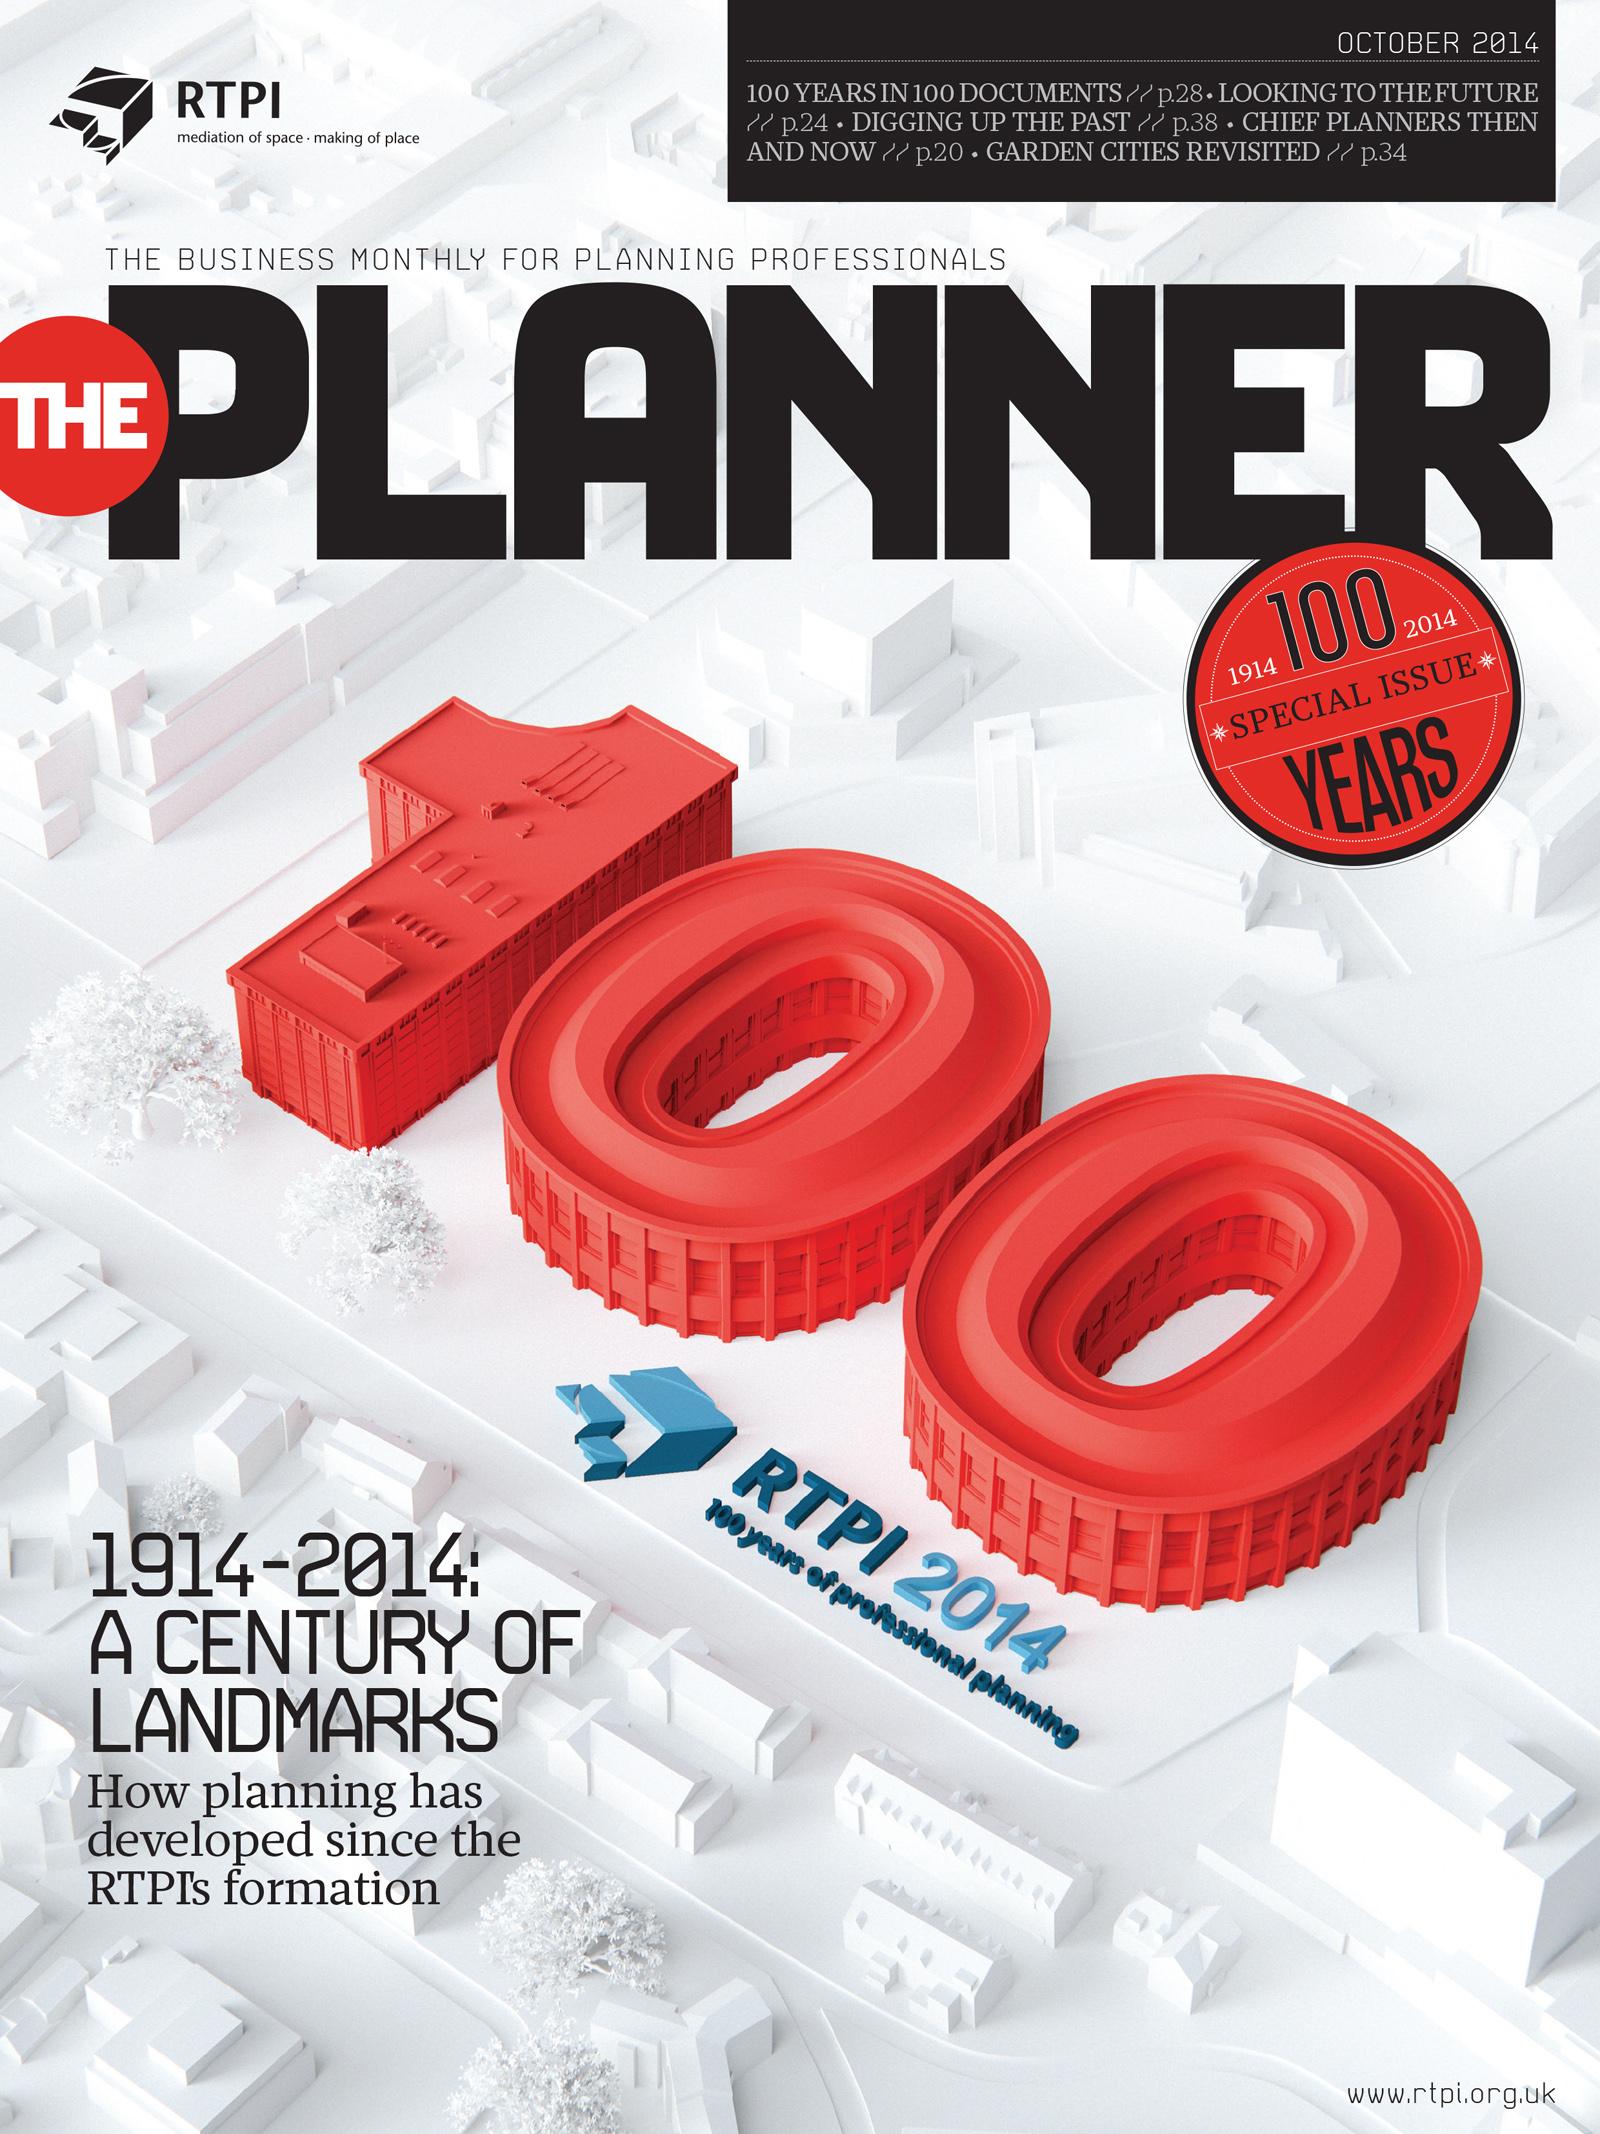 Planner_102014.jpg